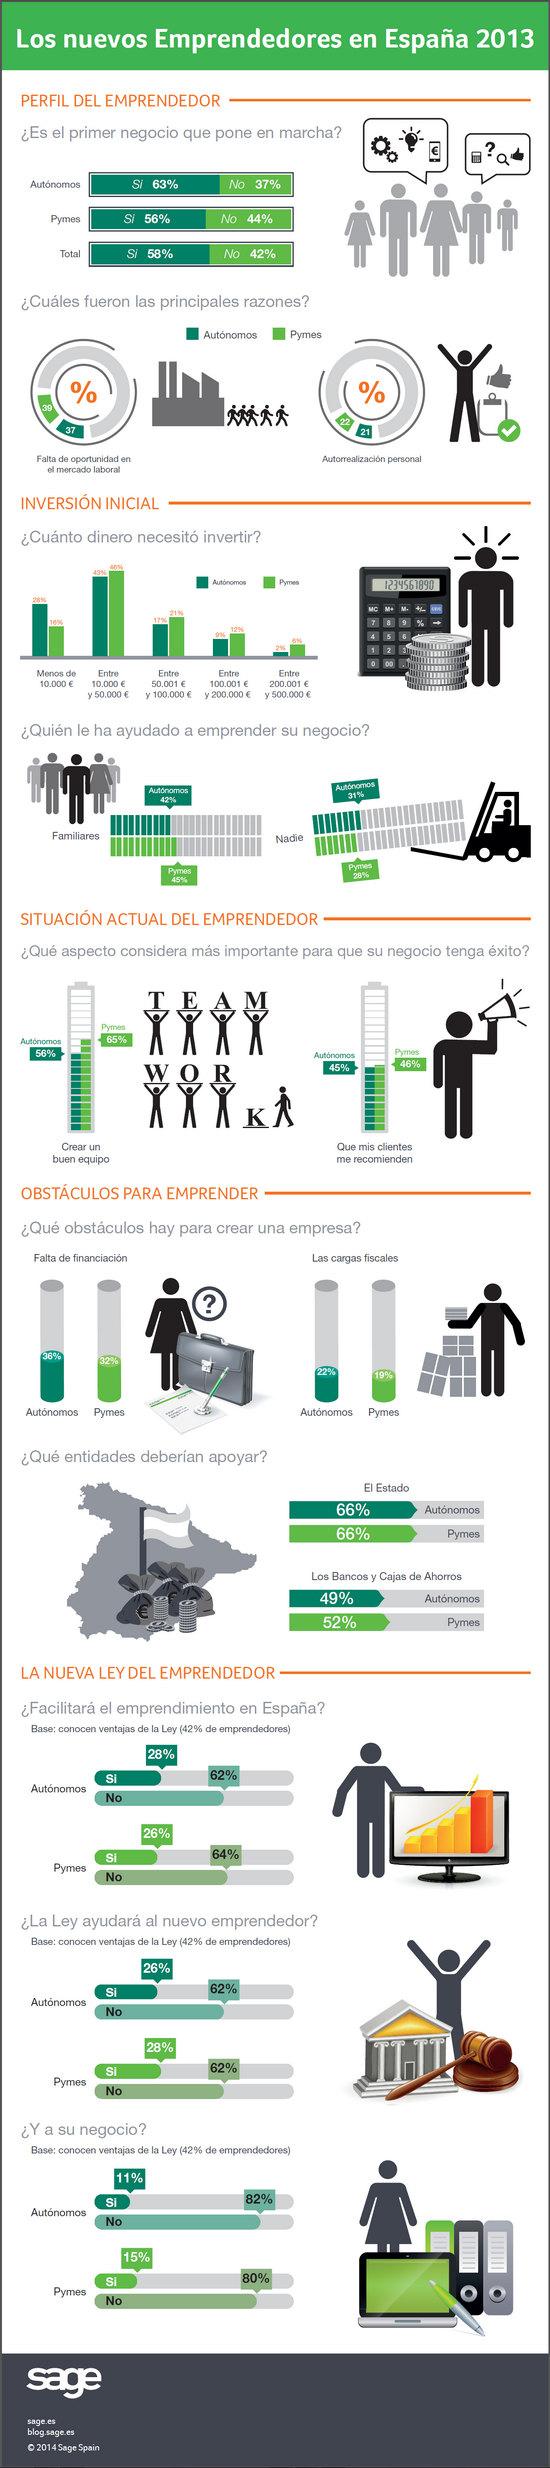 Infografia-Los-nuevos-Emprendedores-en-España-2013-Sage-y-fundación-Iniciador